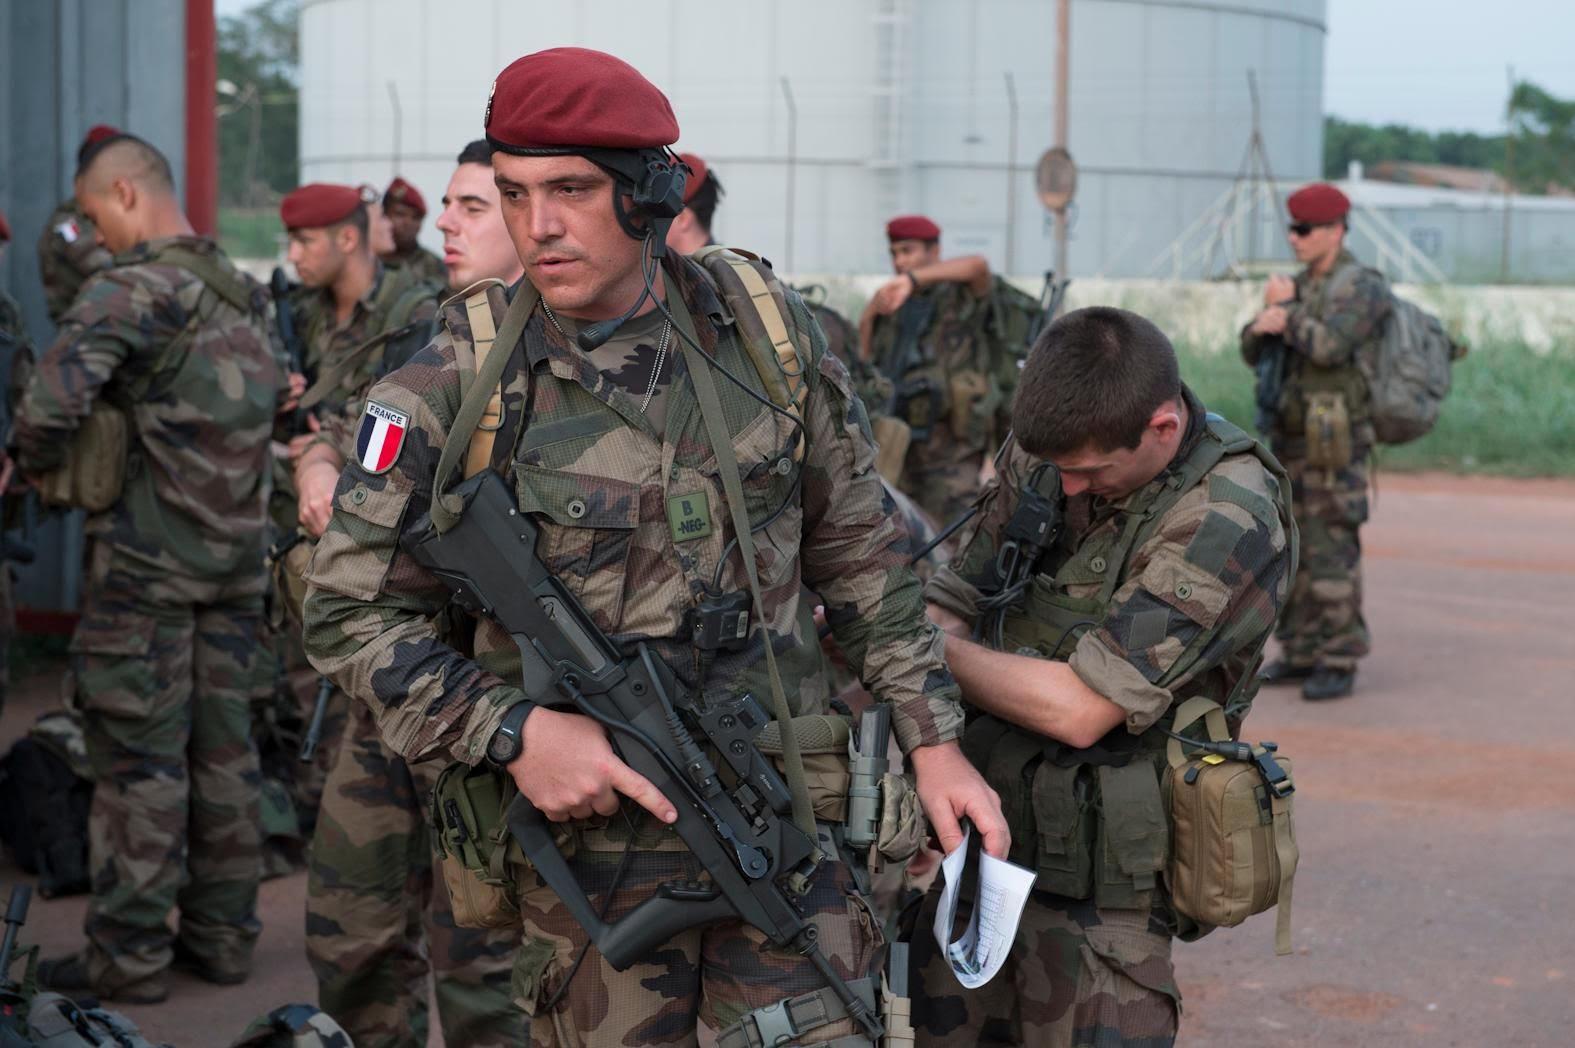 Γάλλοι κομάντος για πρώτη φορά στην Ελλάδα – Μήνυμα στήριξης από Μακρόν με την αποστολή πεζοναυτών αλλά και του ελικοπτεροφόρου «DIXMUDE»